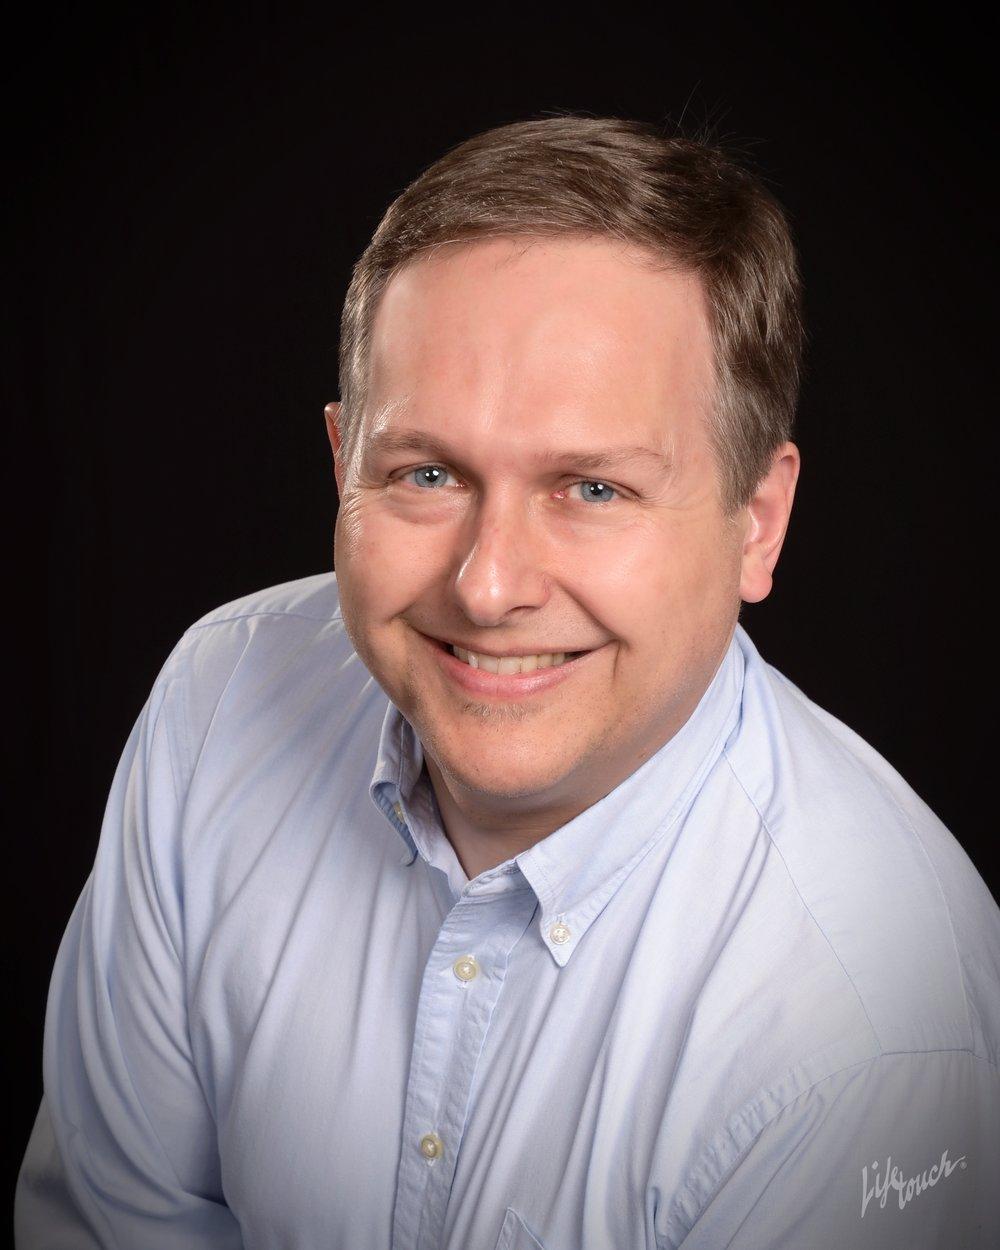 Presenter: Tom Kamp, Band Director, Berkeley Heights Public Schools